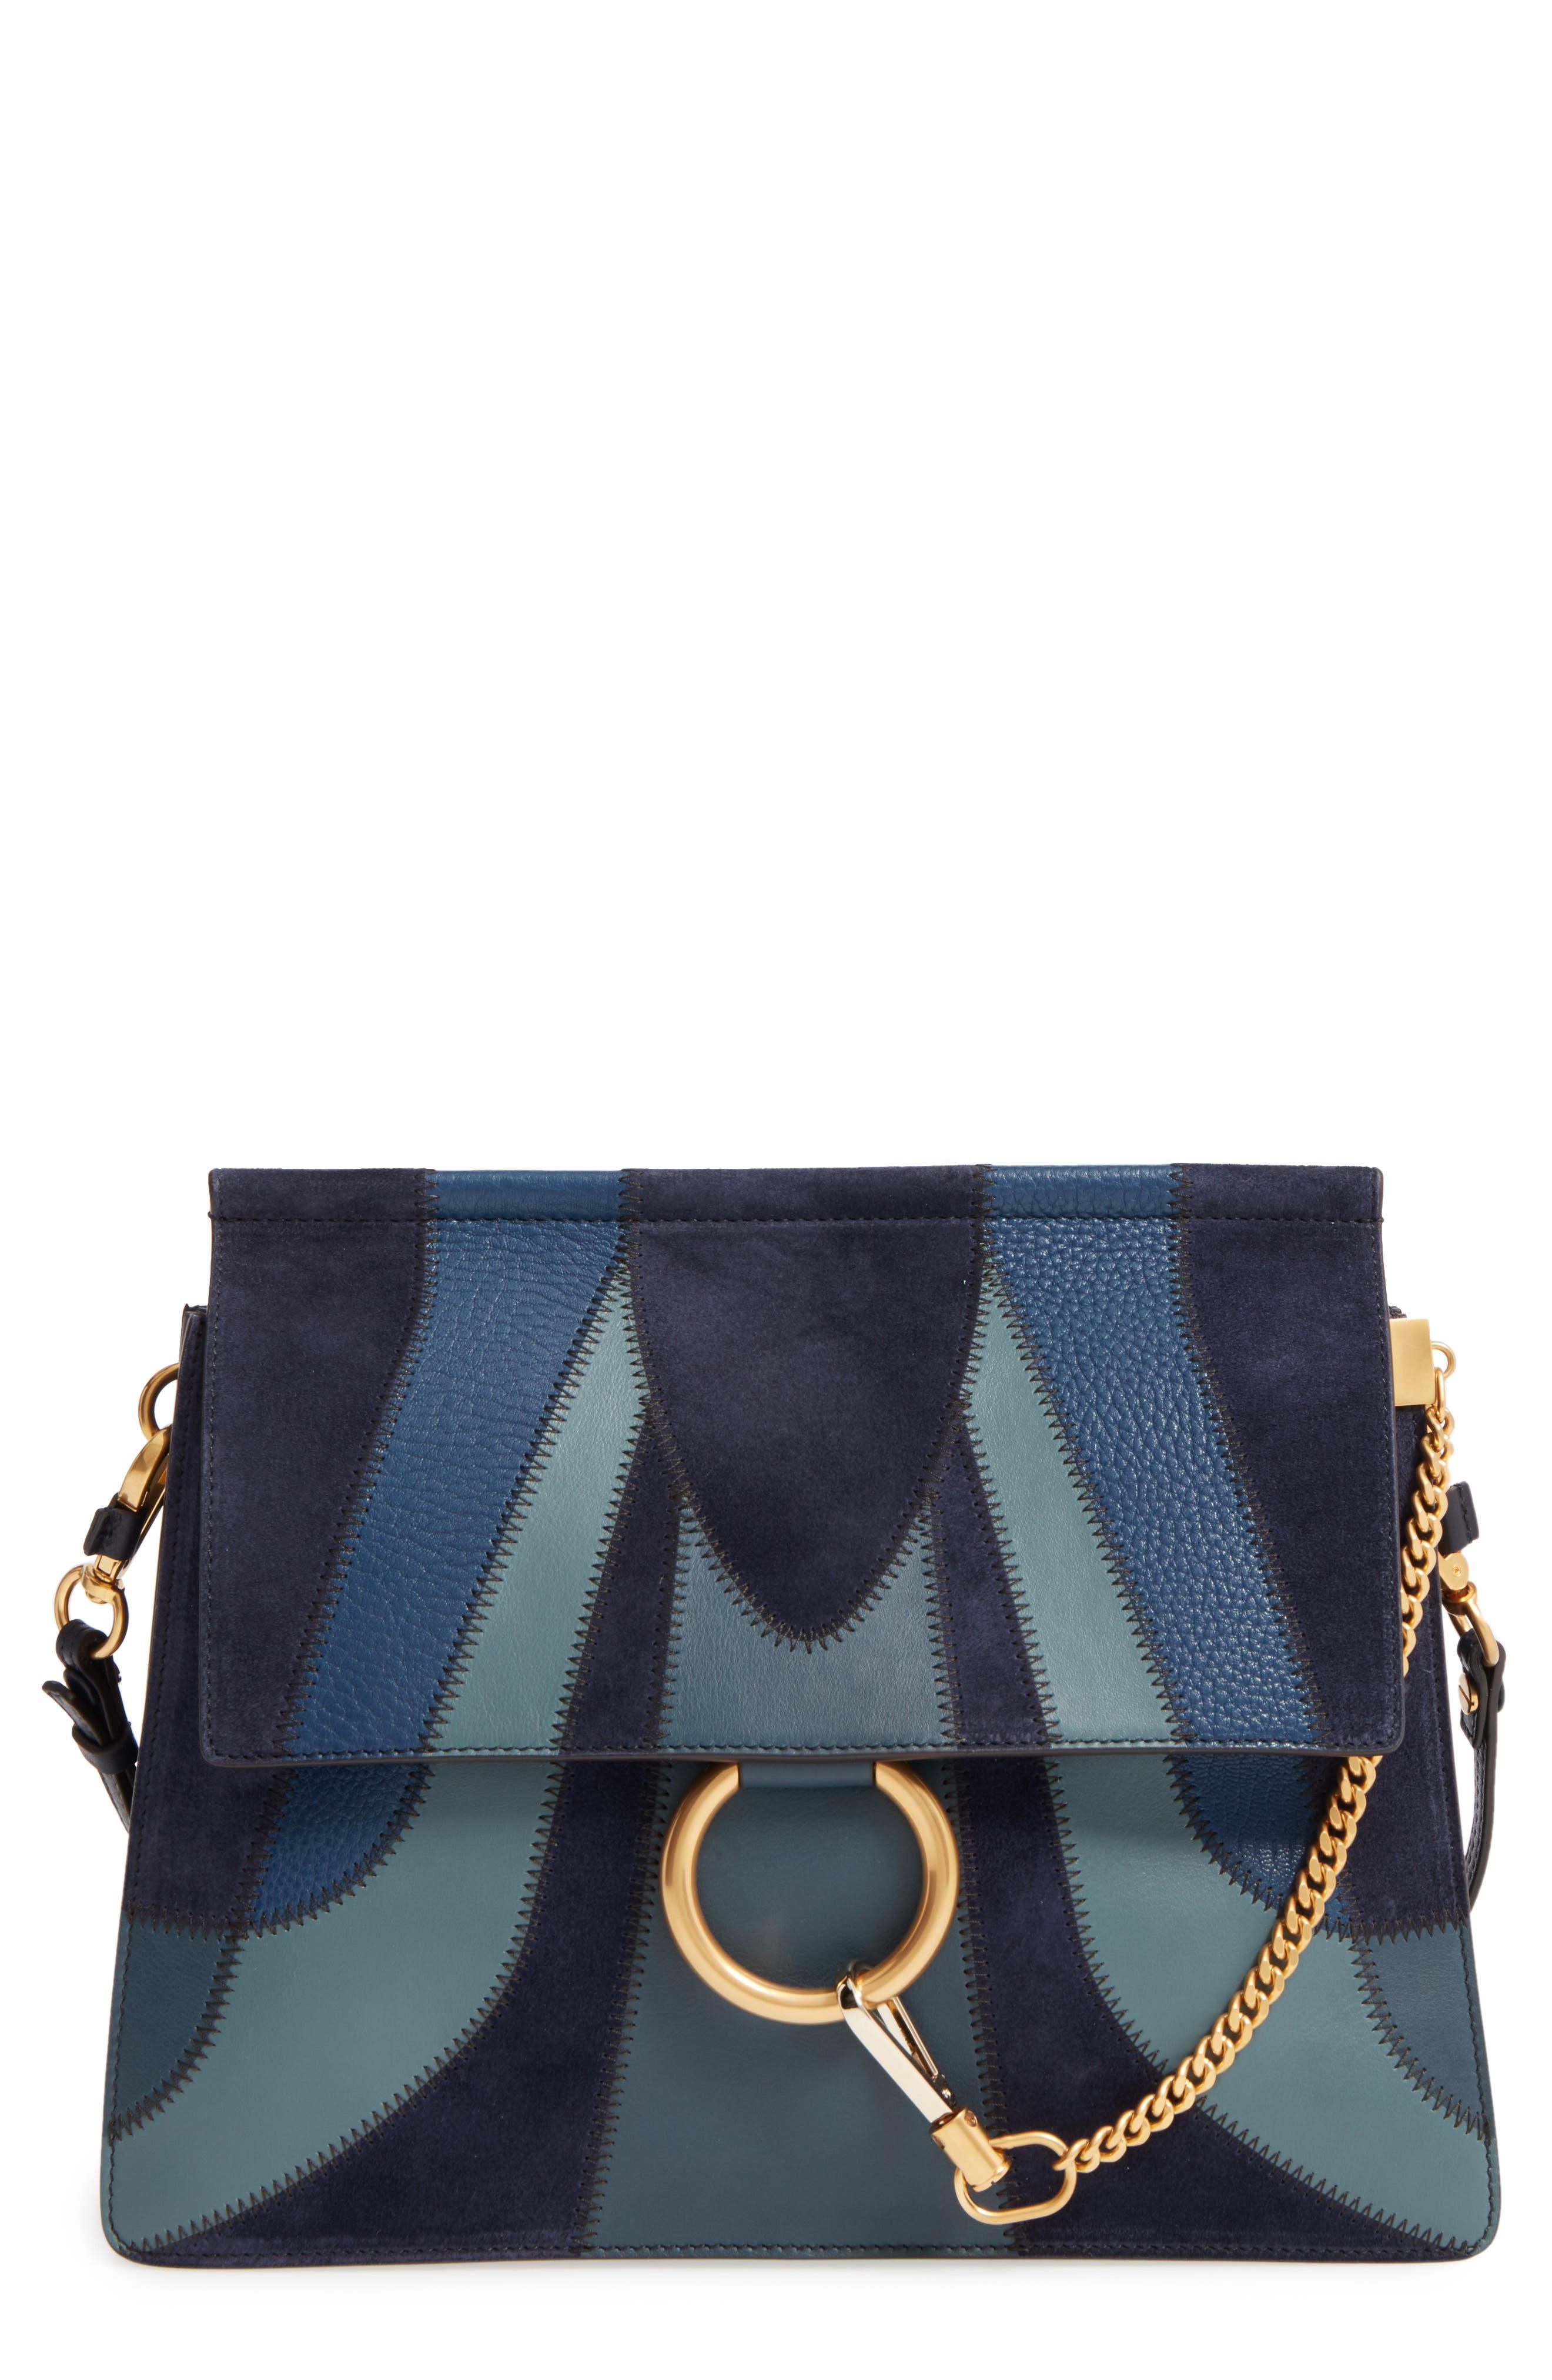 Main Image - Chloé Medium Faye Patchwork Leather Shoulder Bag